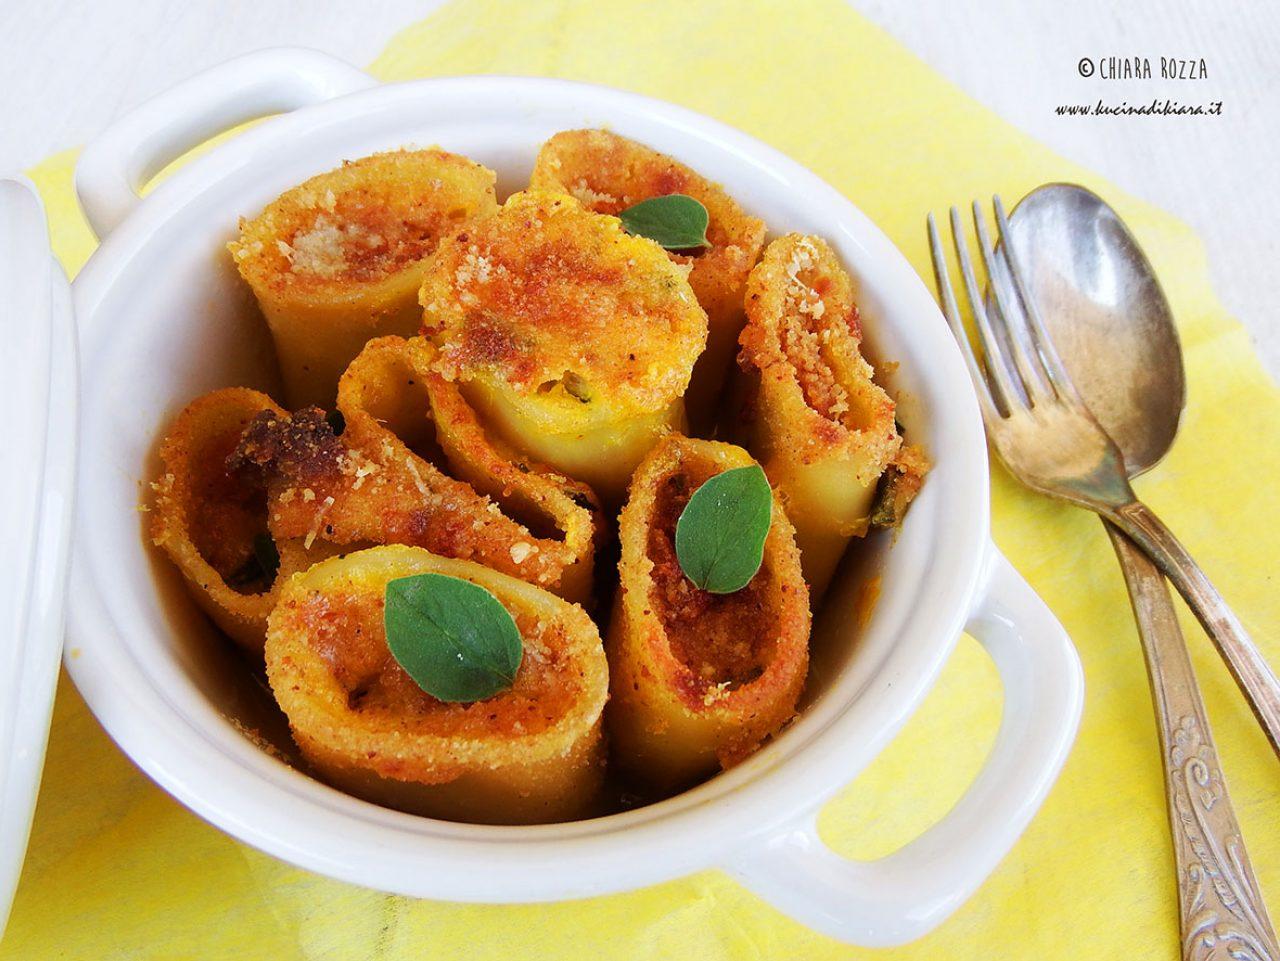 Paccheri gratinati con frittata di zucchine e pomodorini secchi